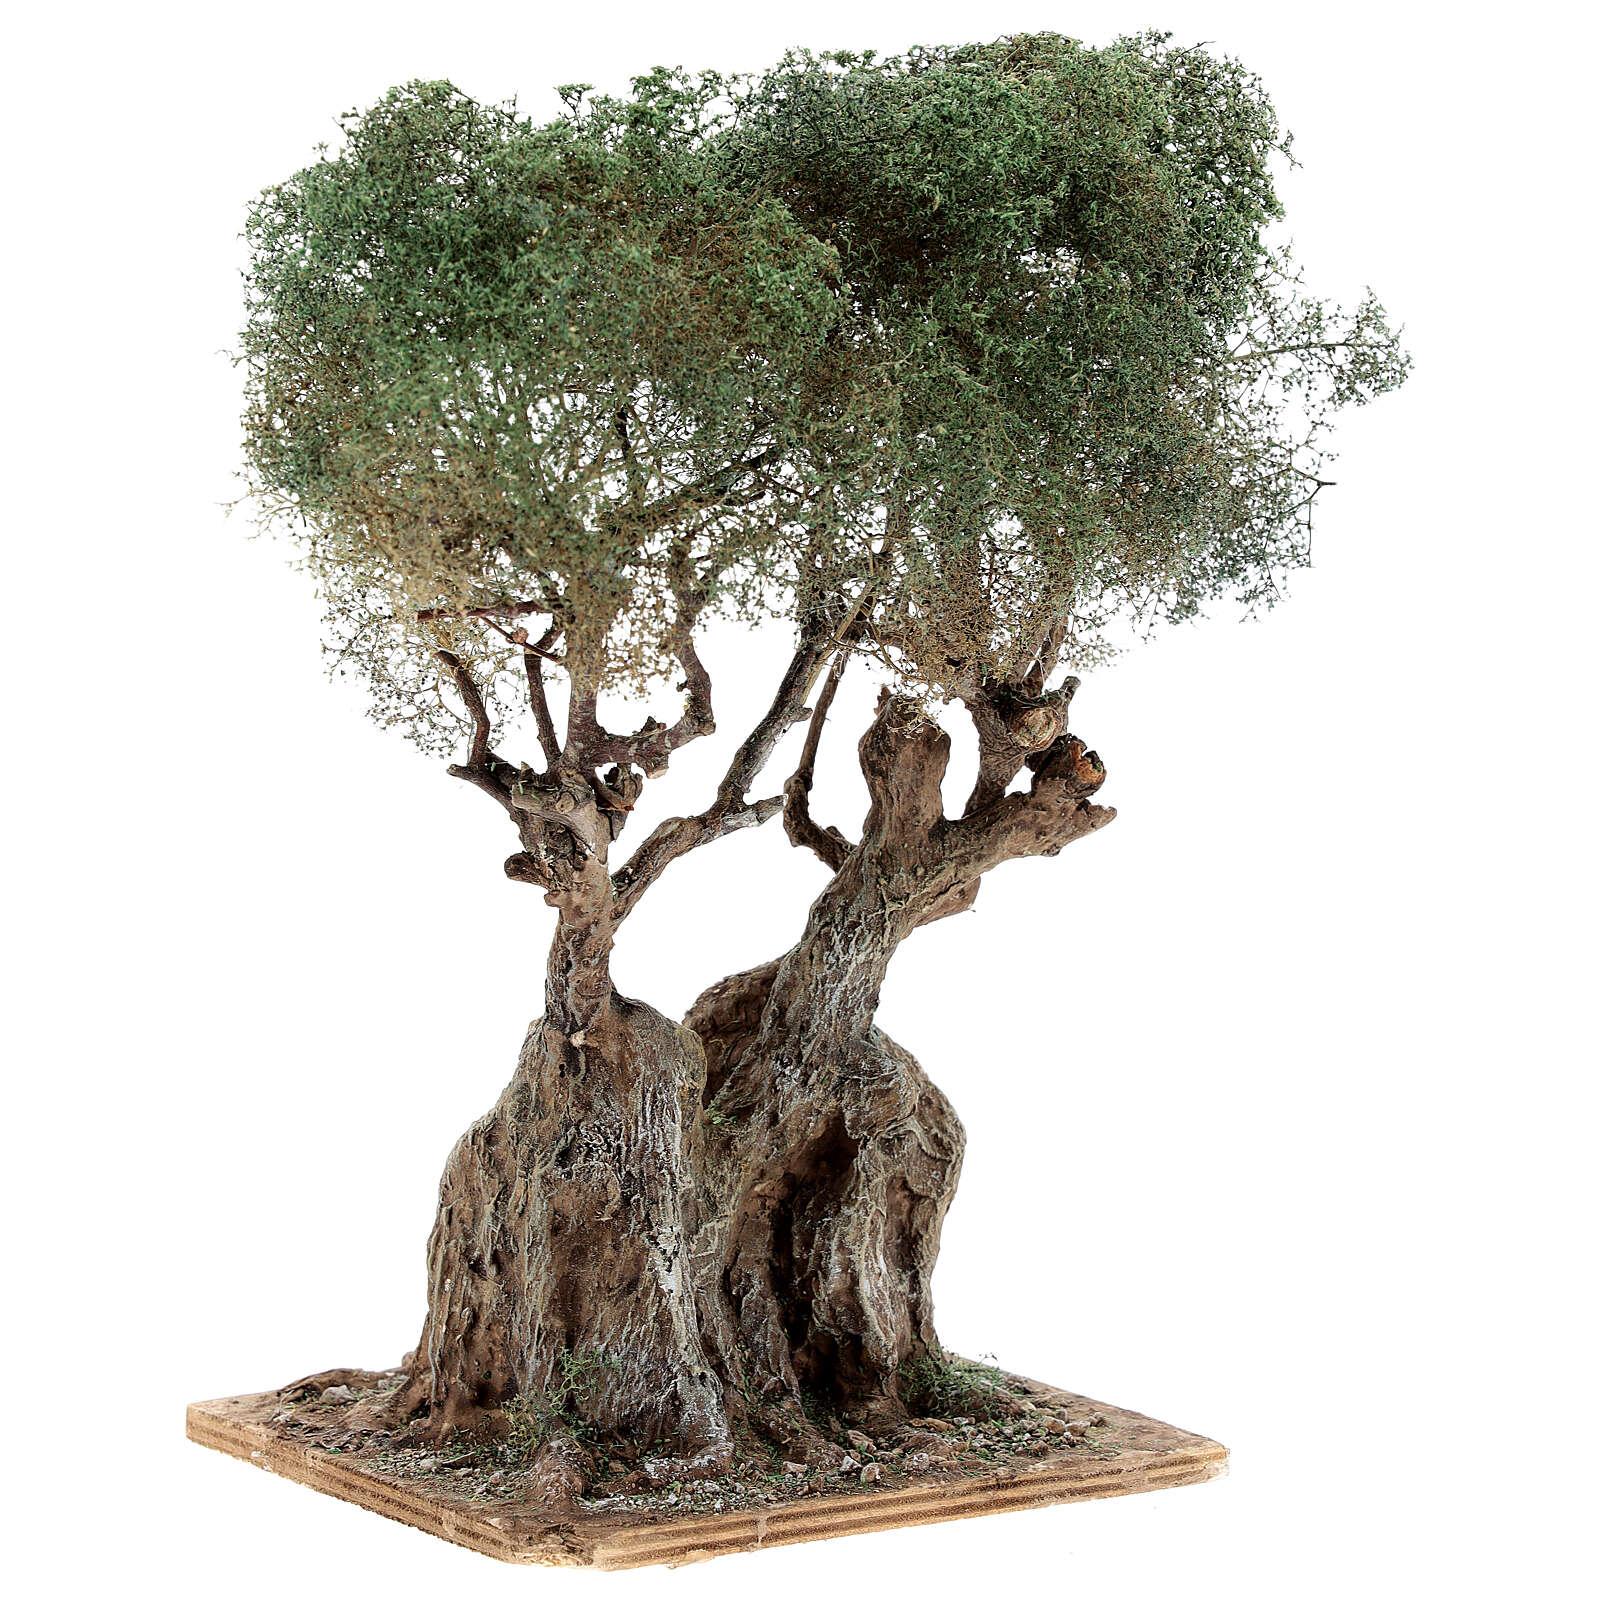 Oliveira em miniatura madeira e papier machê presépio napolitano altura real 20 cm 4